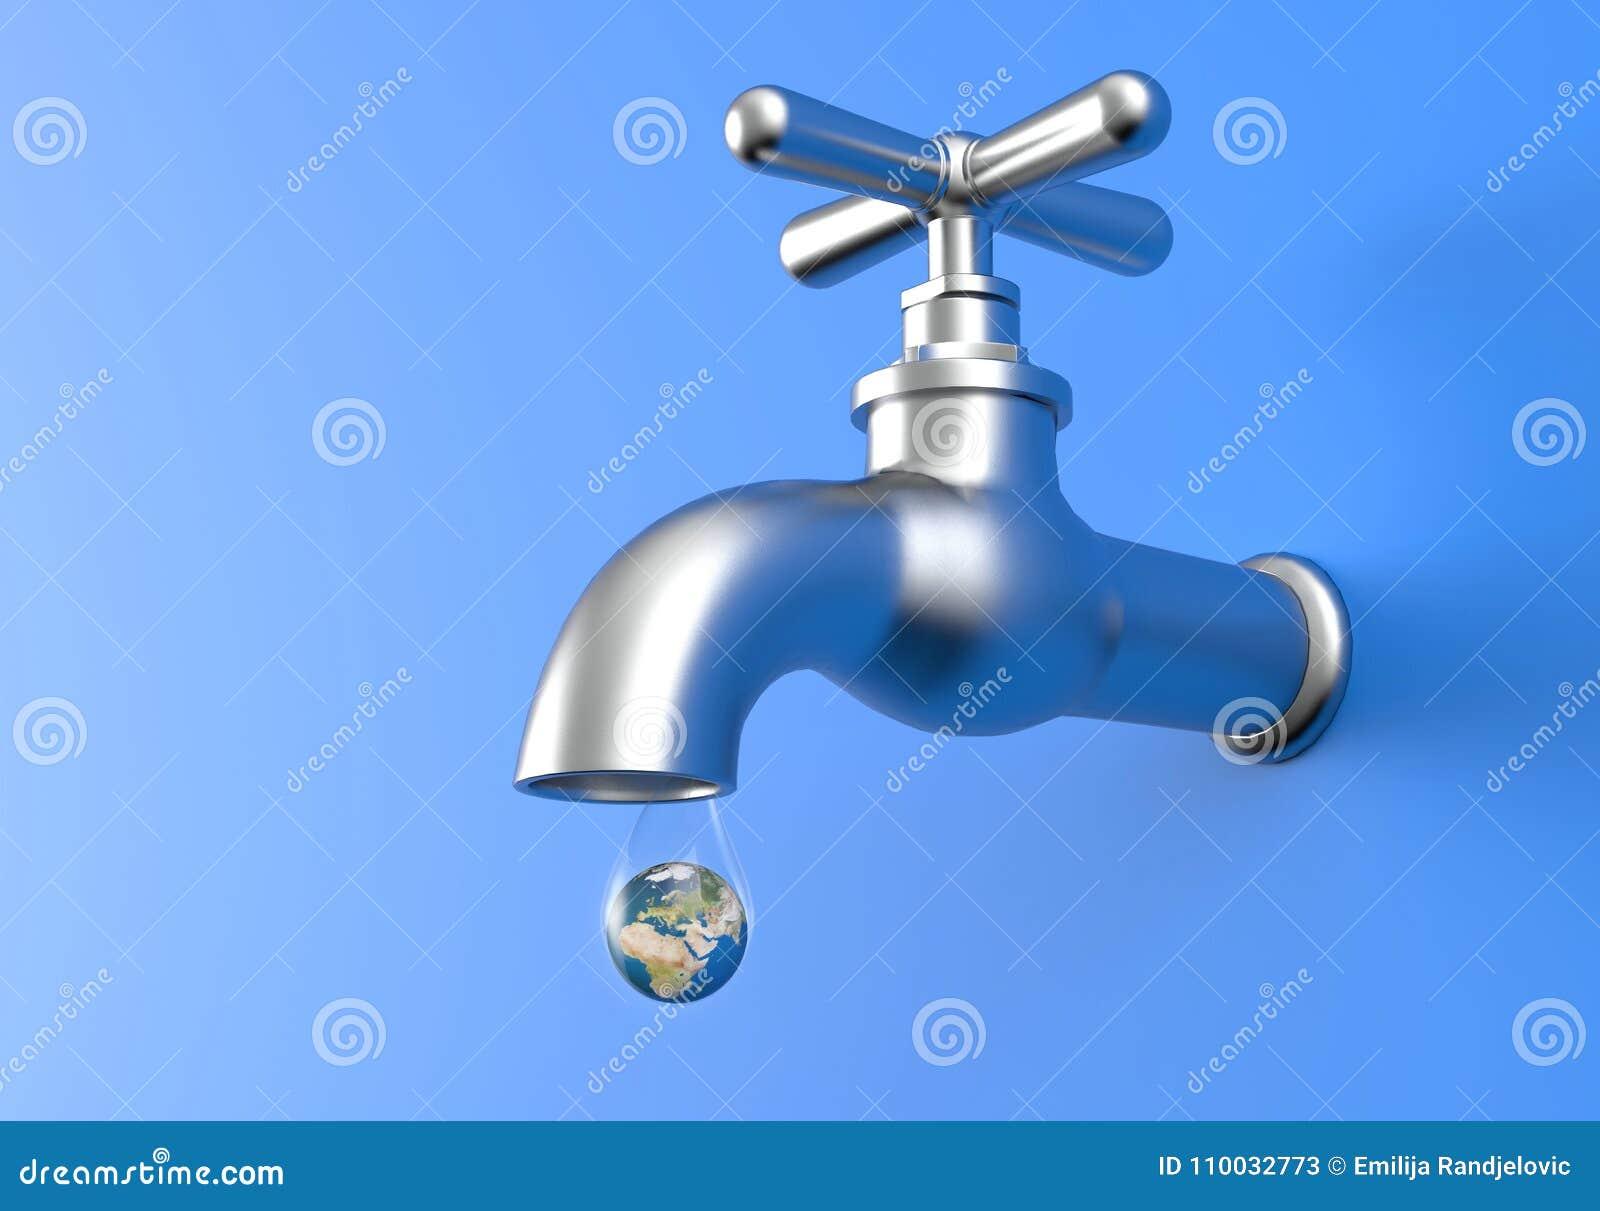 Lekke Tapkraan en aardeplaneet in daling van water